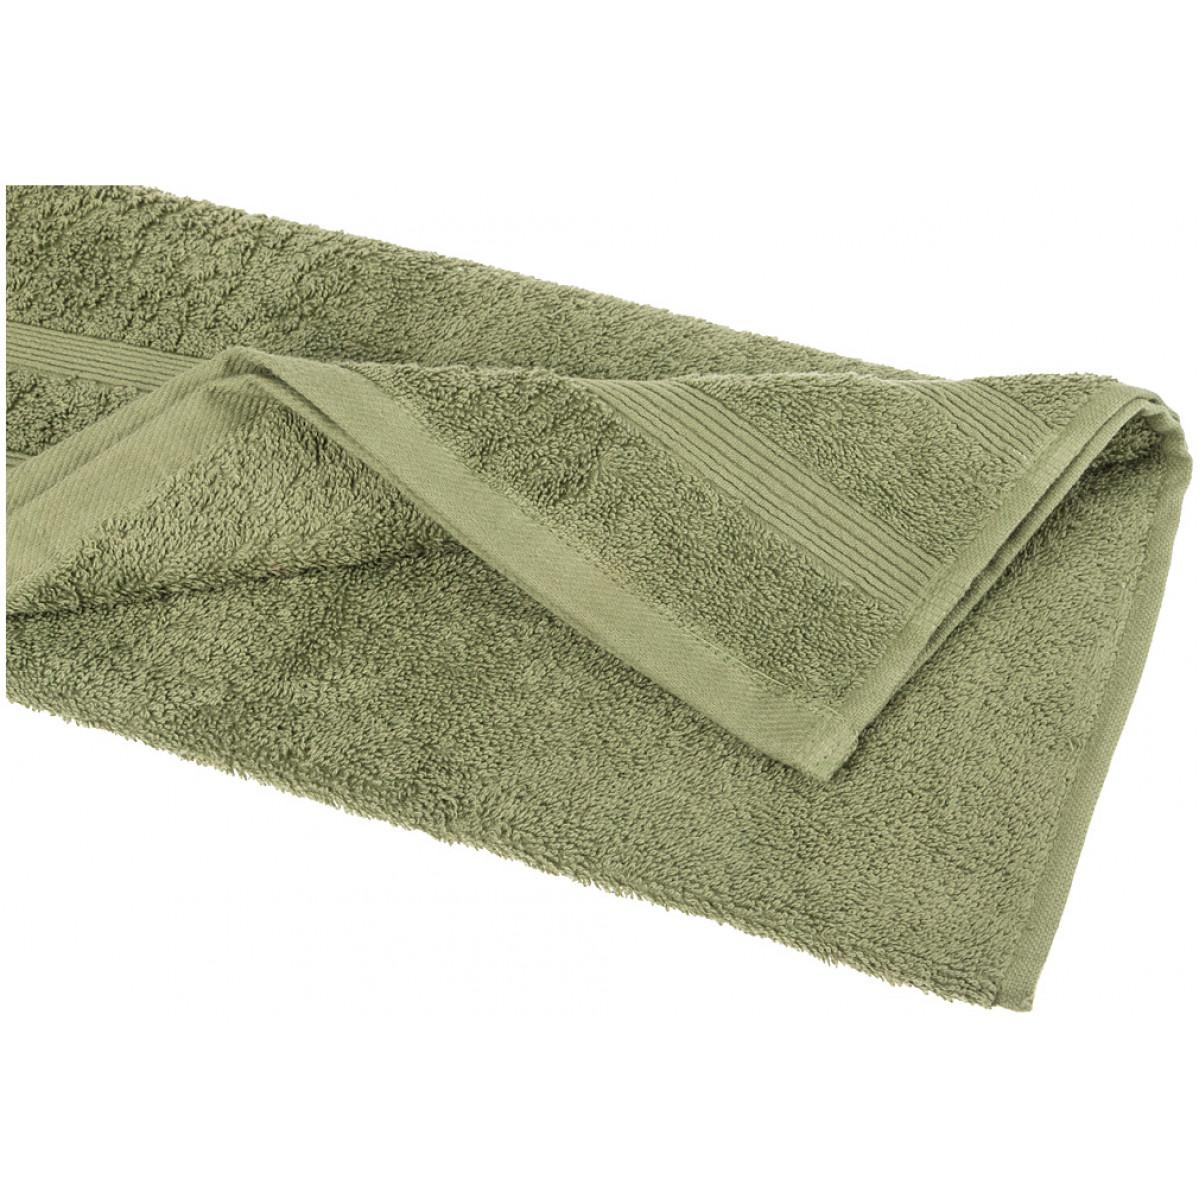 Купить Полотенца Santalino, Полотенце Malandra (40х70 см), Пакистан, Зеленый, Махра